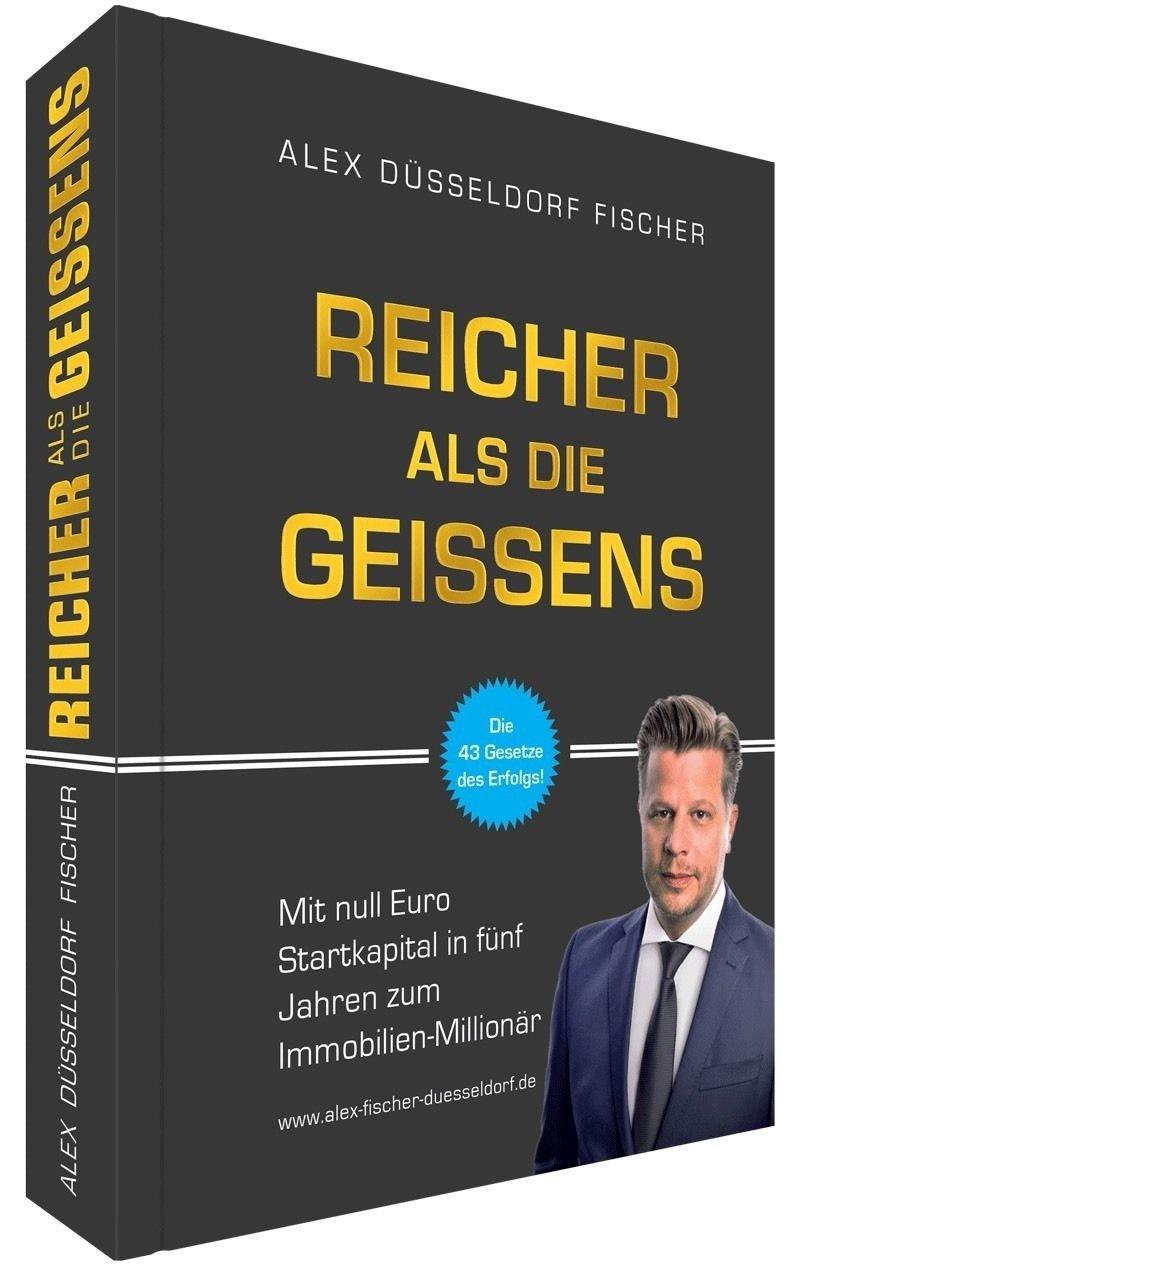 100 kostenlose Reicher-Seiten